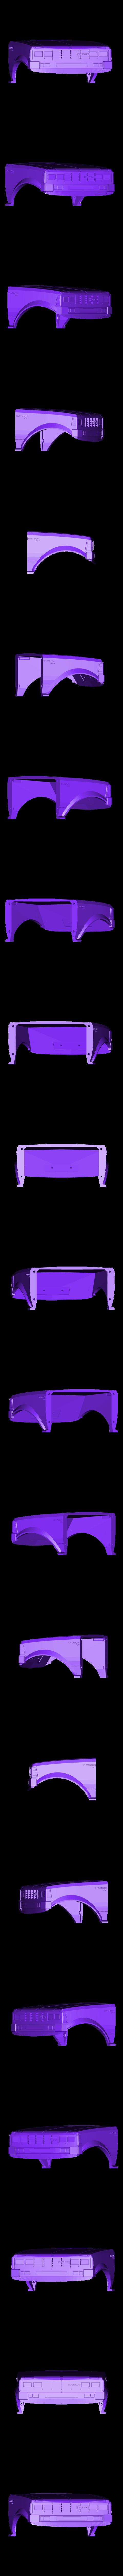 ShortWB01.stl Télécharger fichier STL gratuit Corps de ramassage à échelle RC. • Modèle à imprimer en 3D, tahustvedt